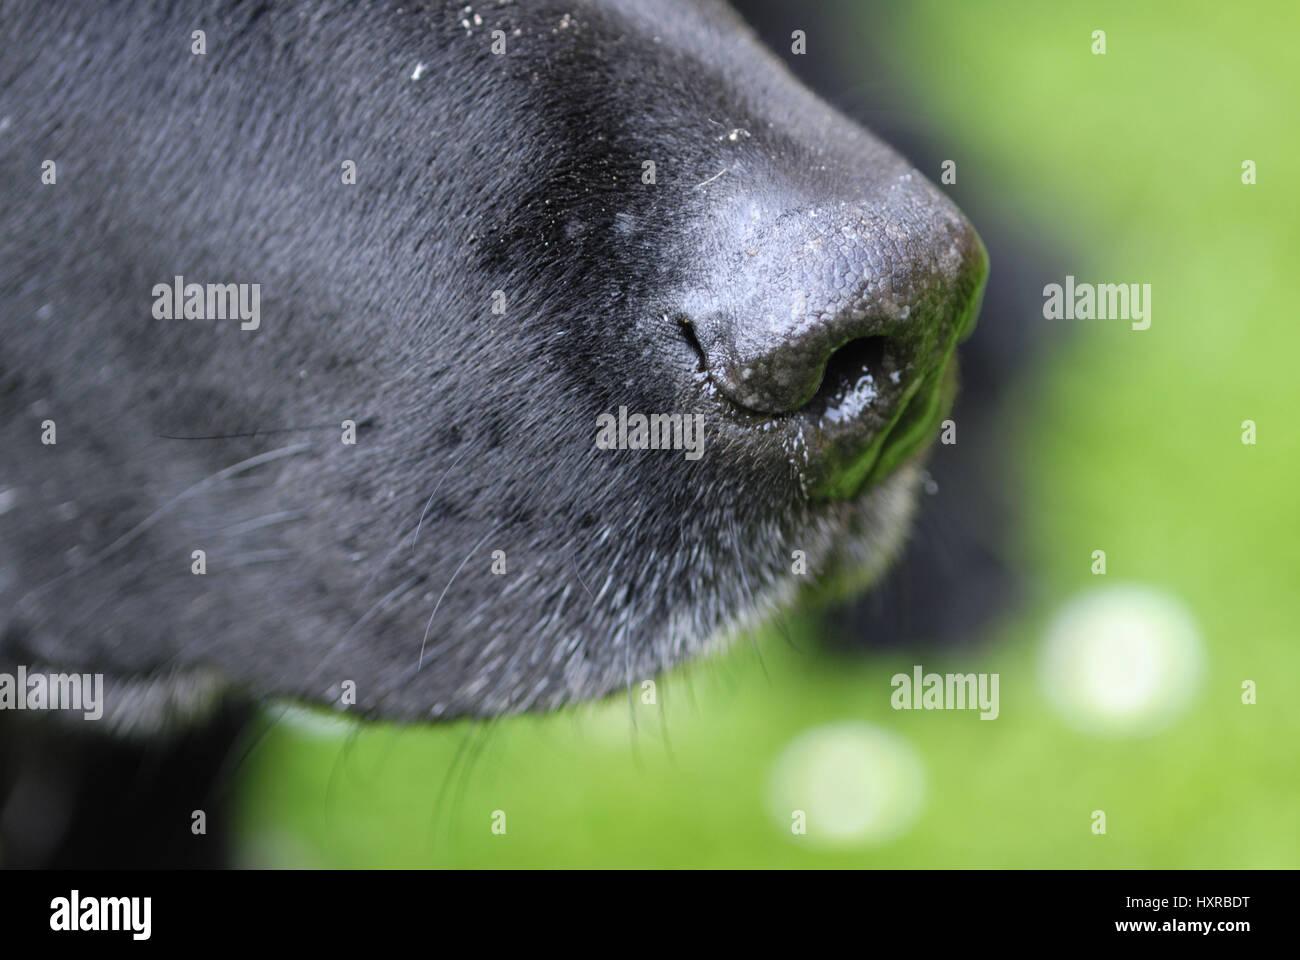 Nose of a Labrador, Nase eines Labradors Stock Photo